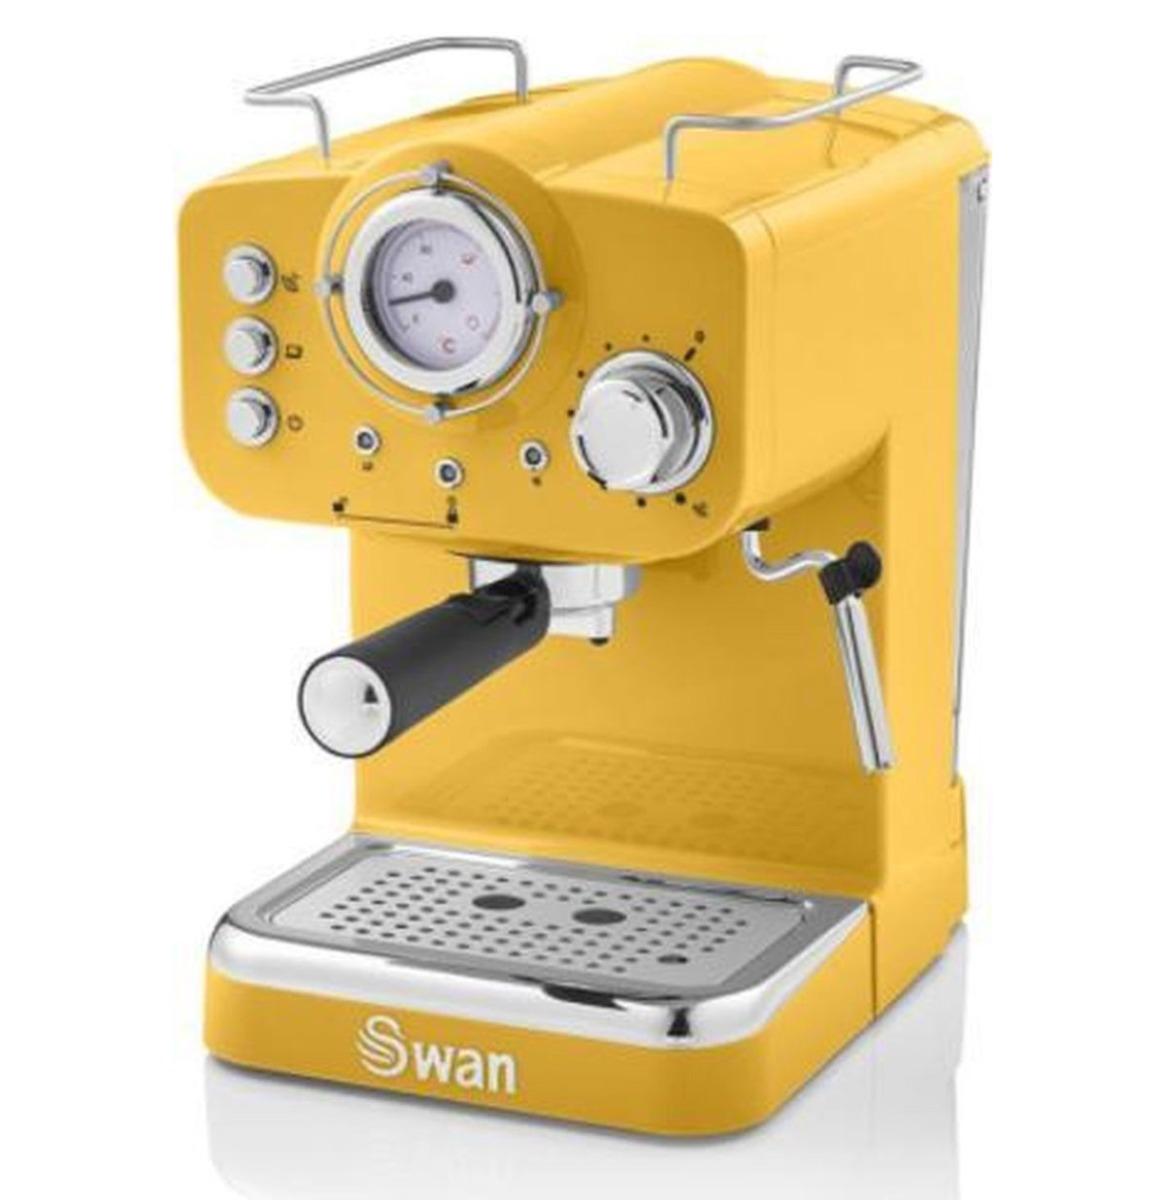 Swan Retro Pump Espresso Koffie Machine - Geel